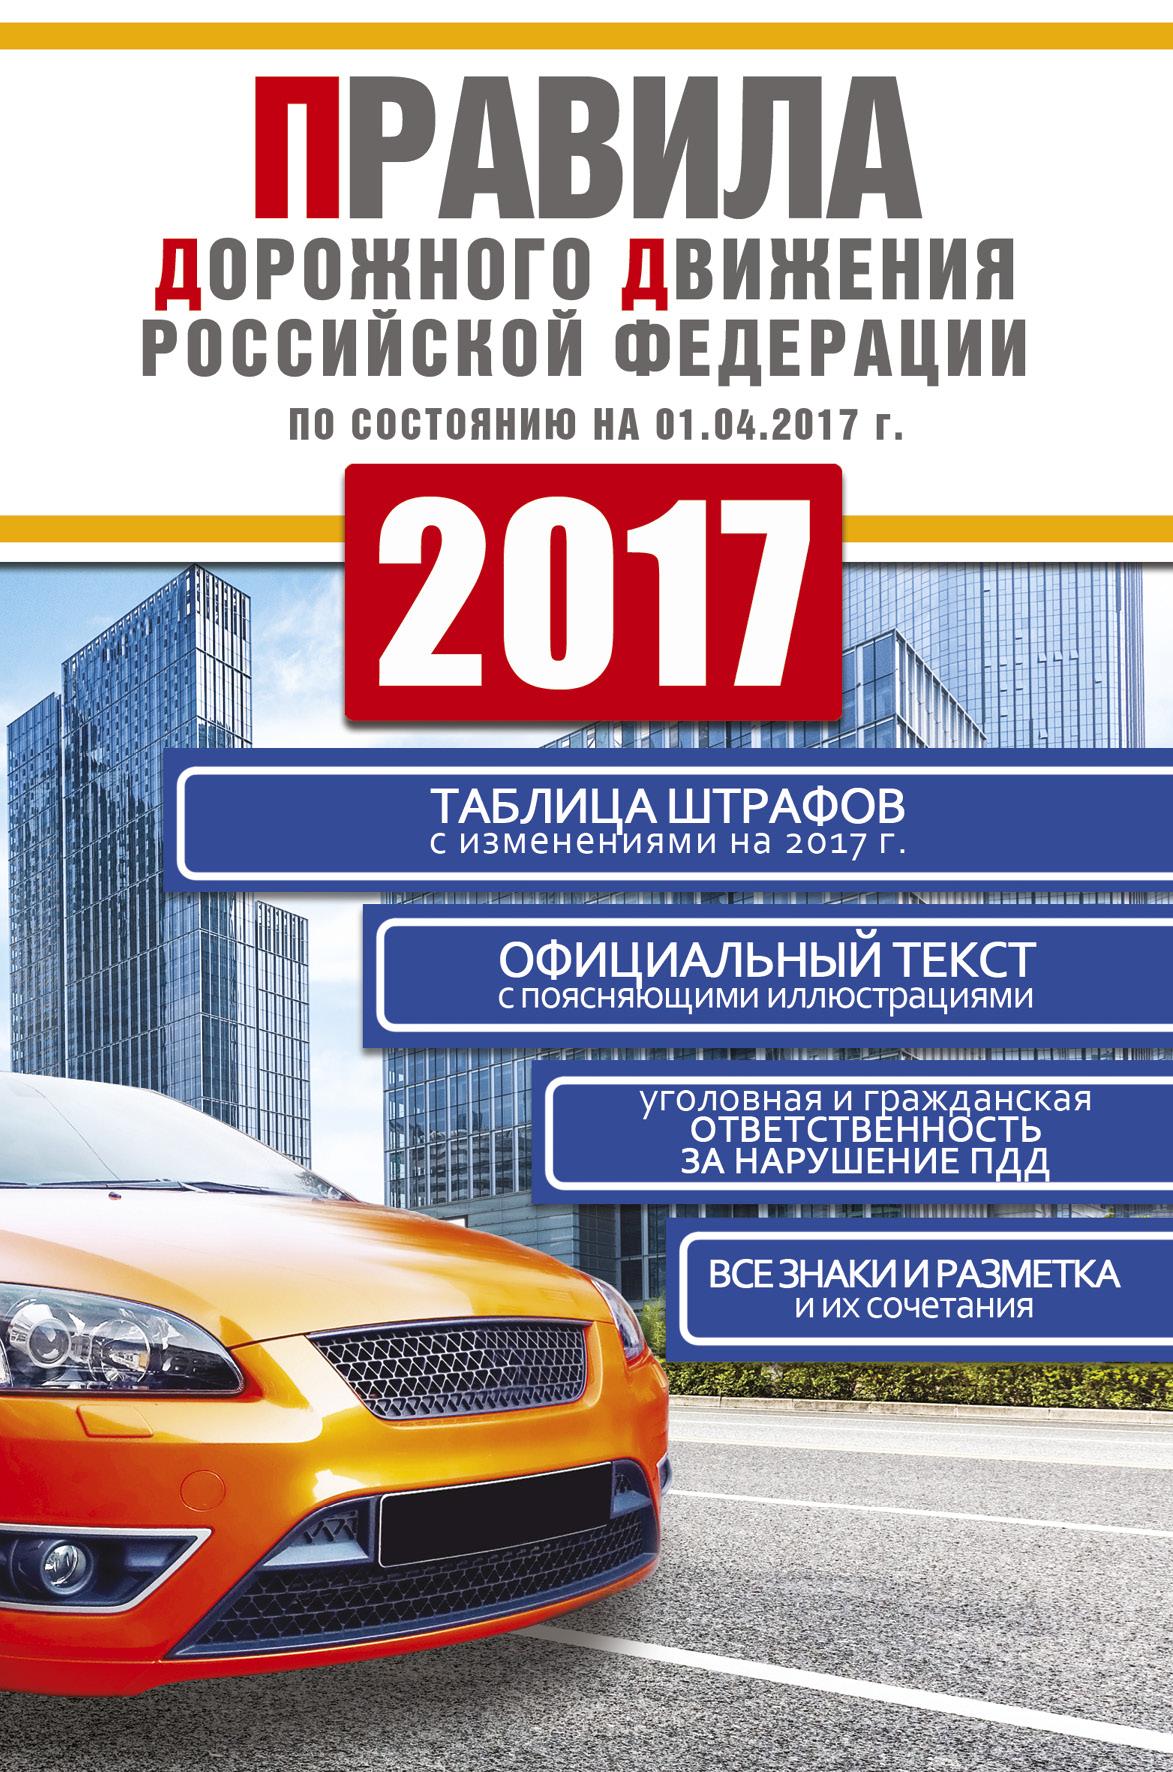 Правила дорожного движения Российской Федерации 2017 по состоянию на 01.04.17 ( .  )